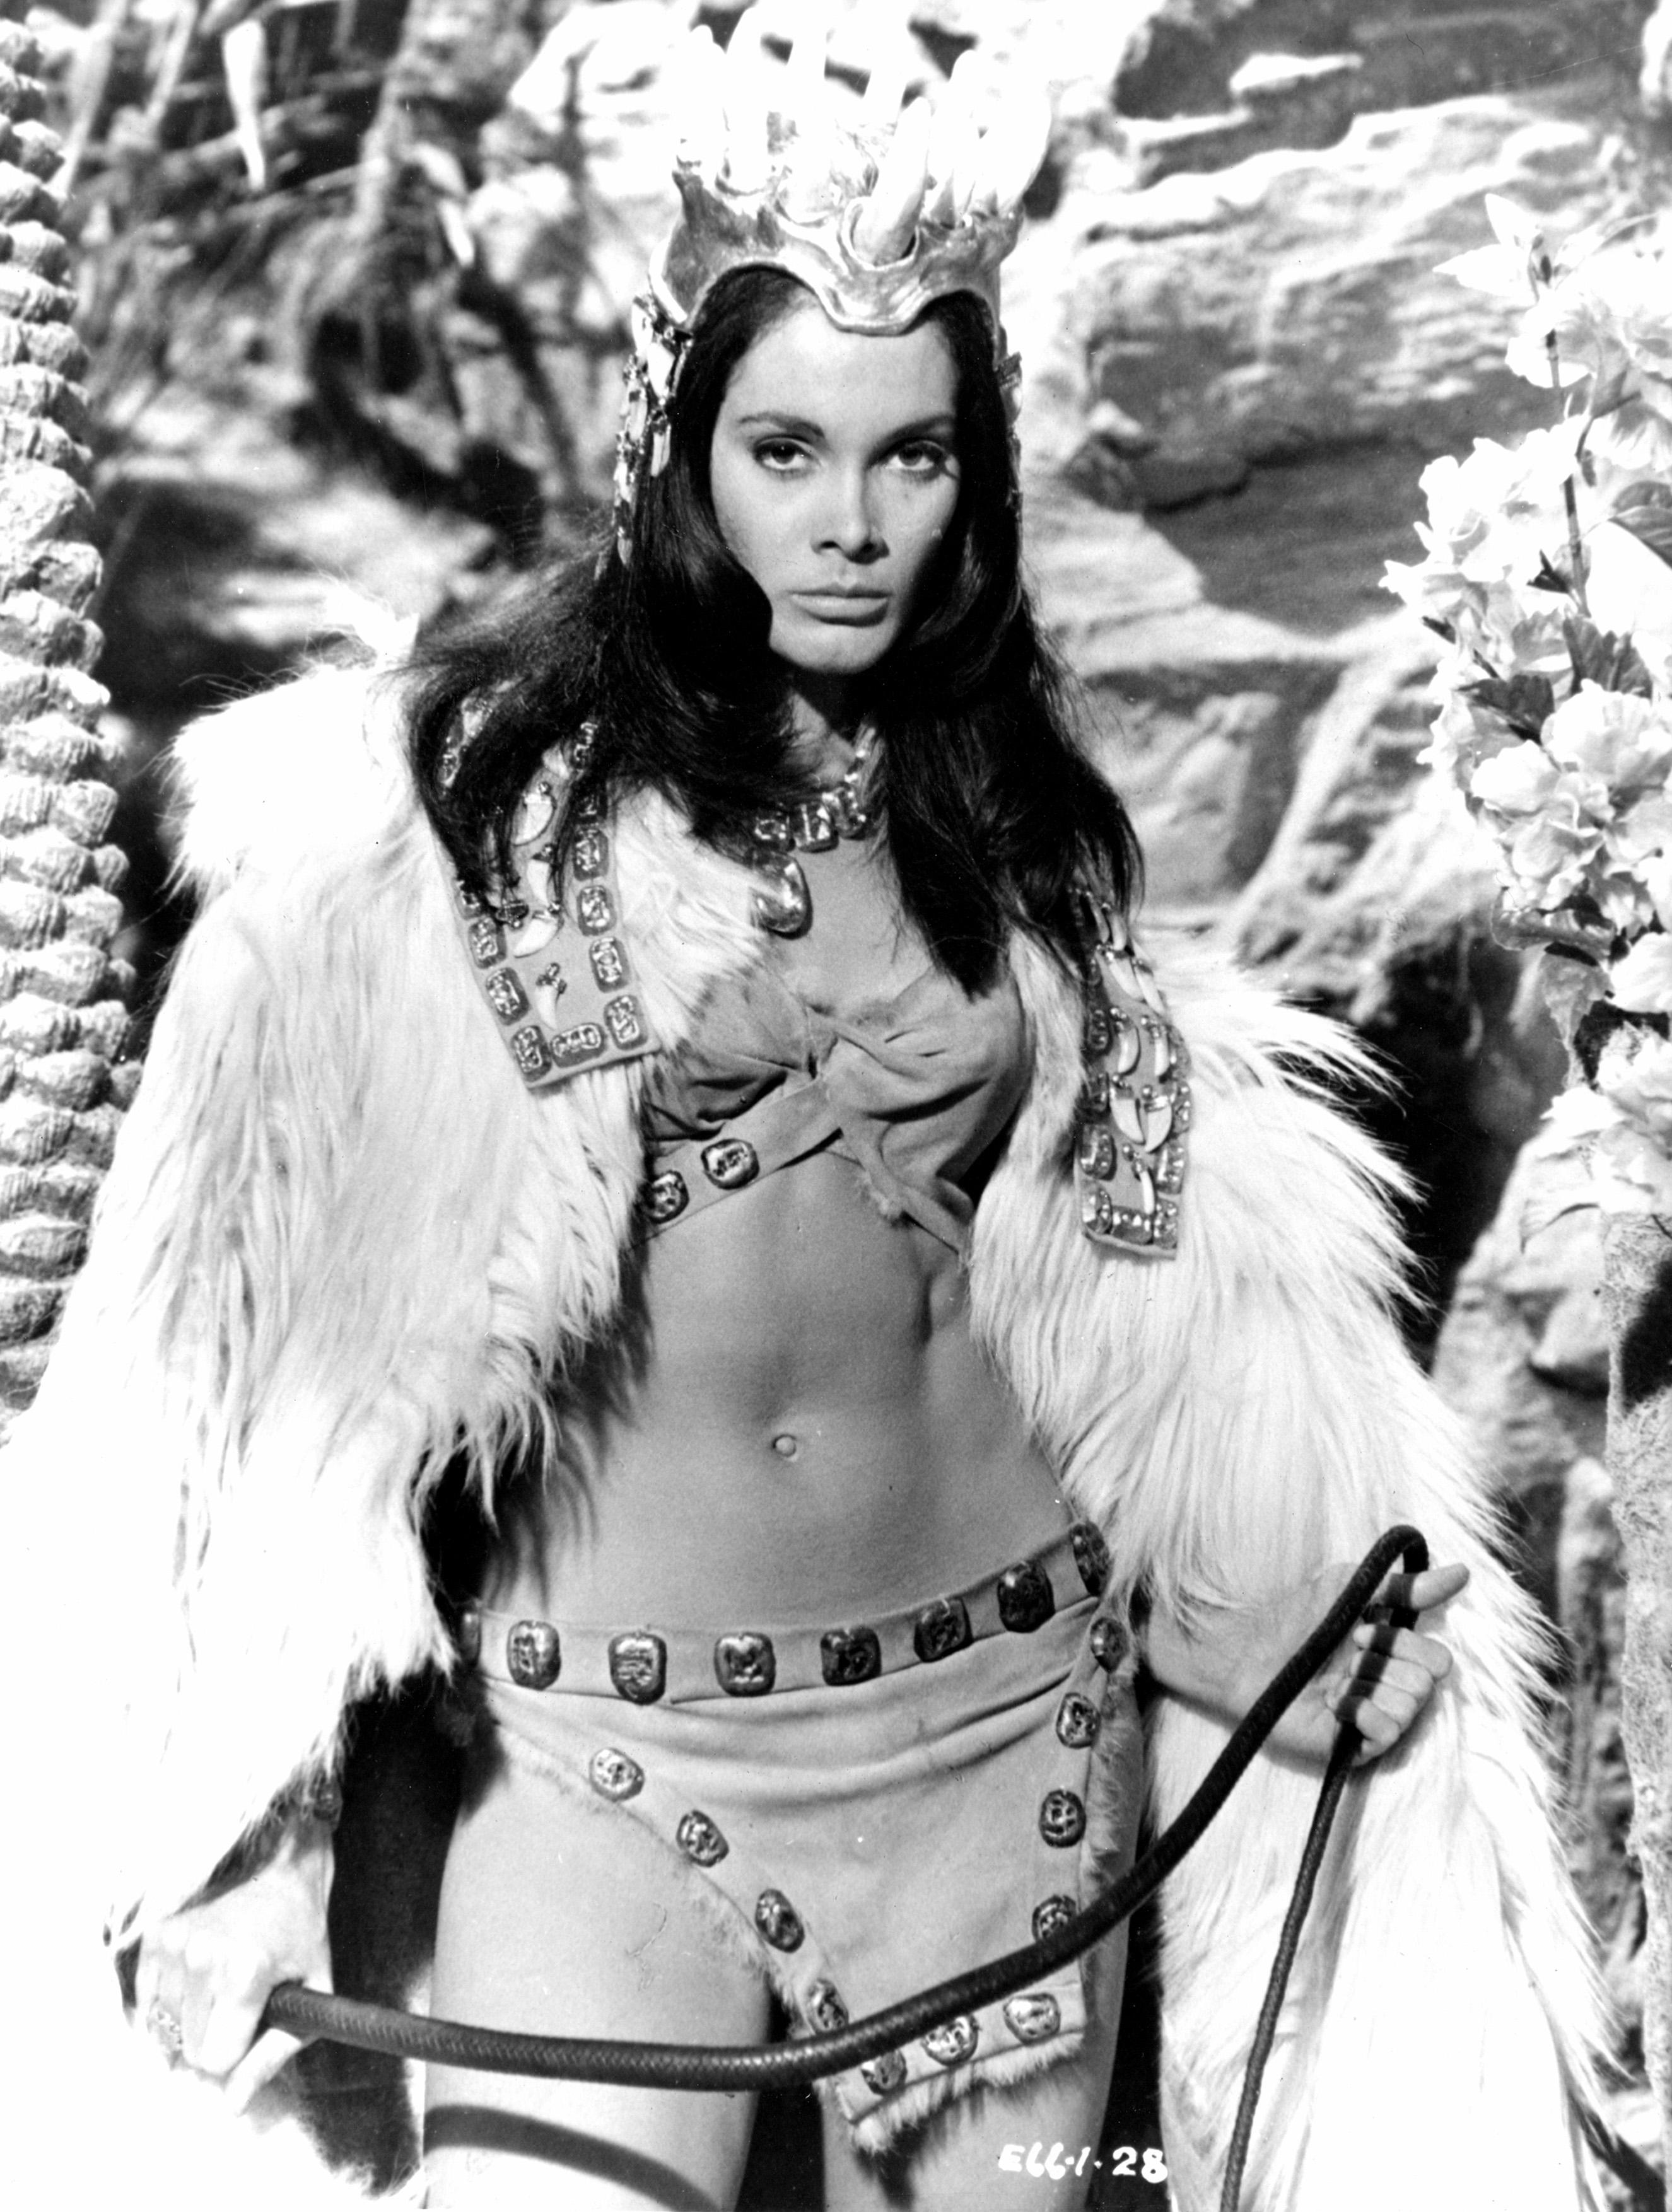 prehistoric_women_1966_Martine Beswick